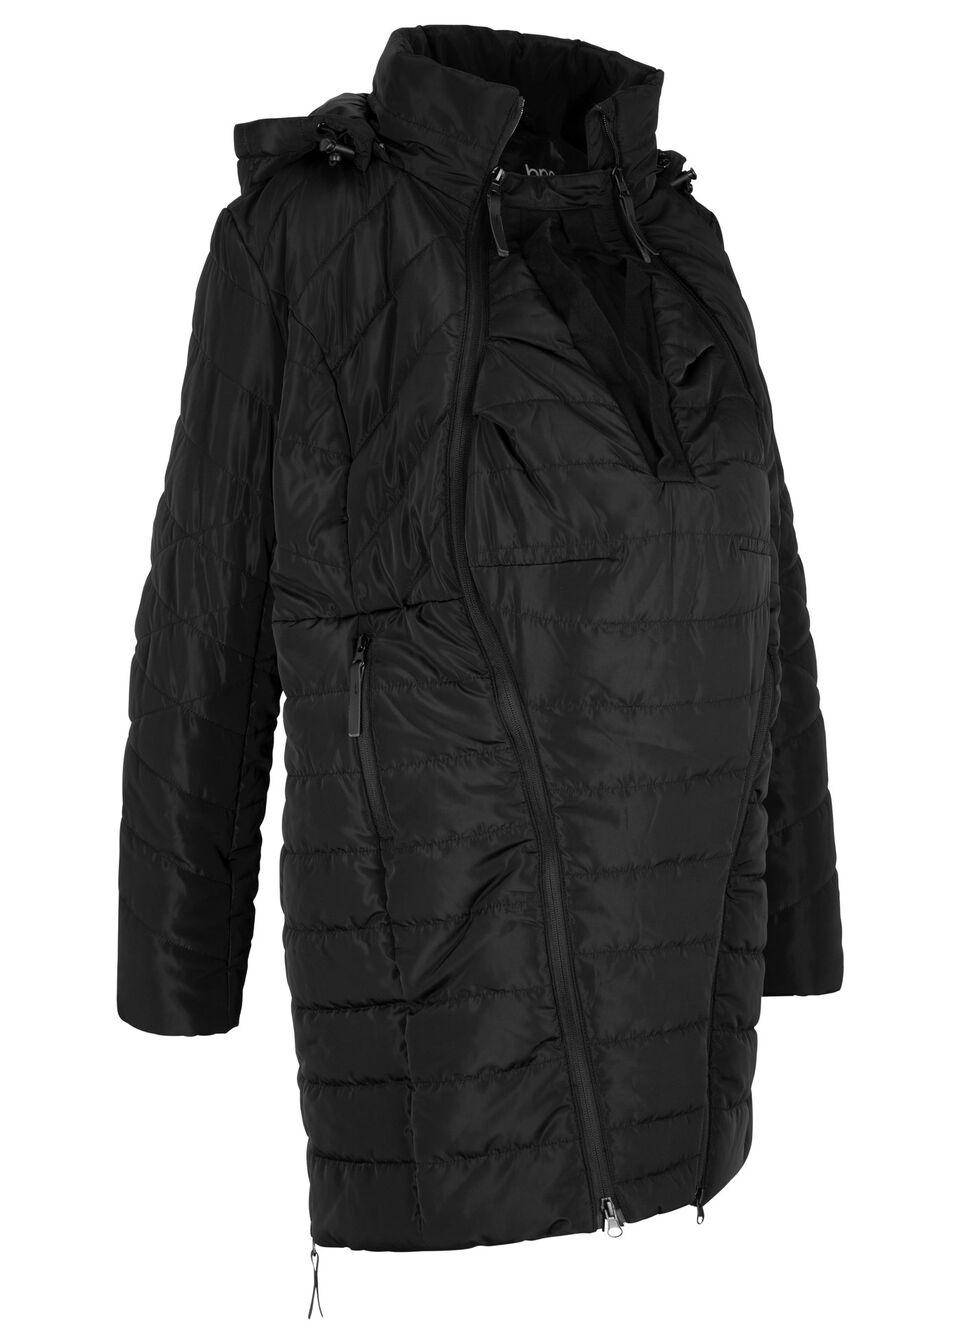 Куртка для беременных со вставкой для малыша от bonprix